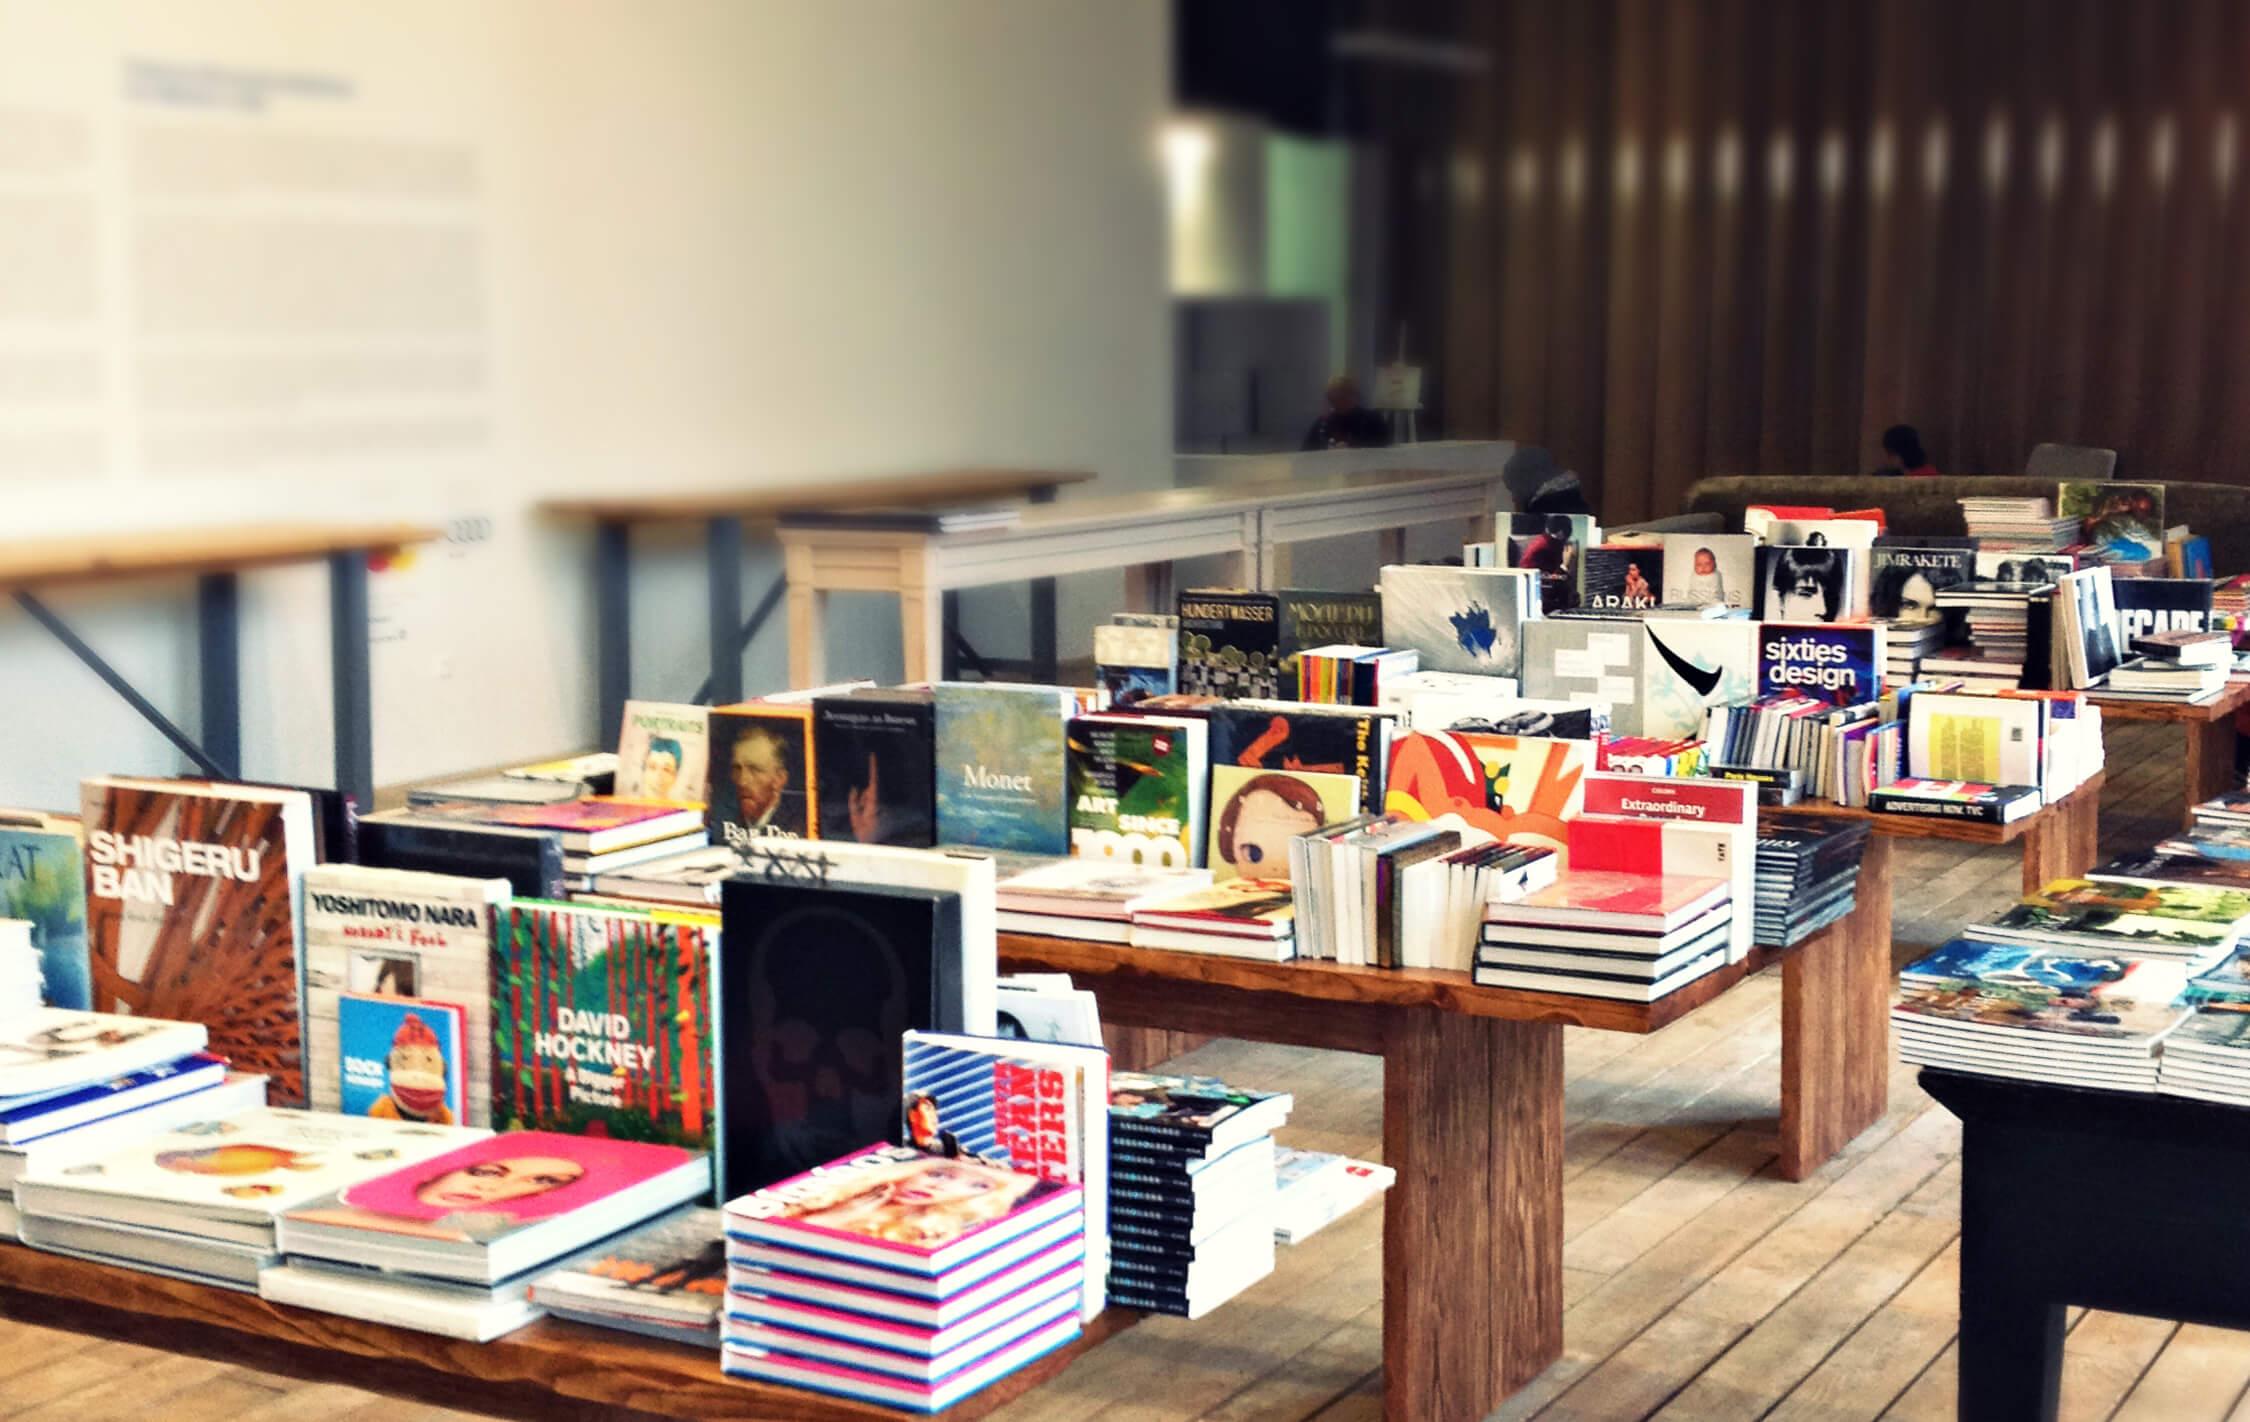 bookshop - Бизнес идея, как открыть книжный магазин